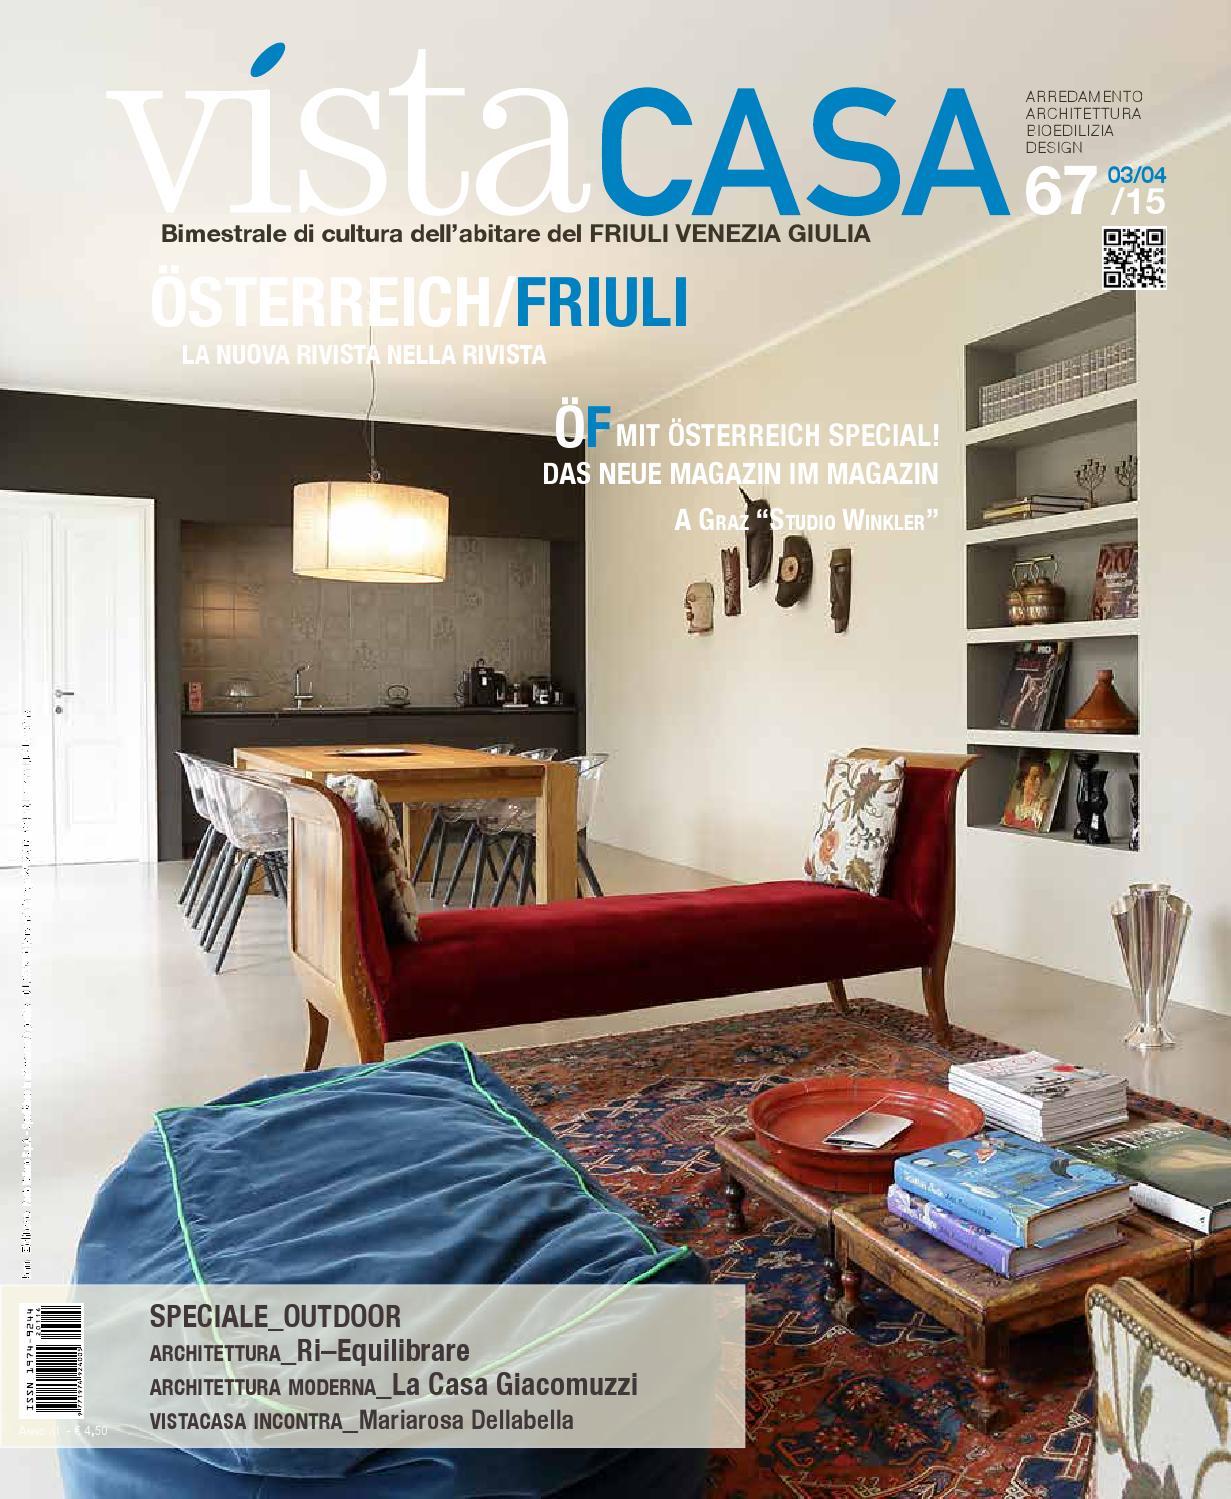 Vistacasa n 67 by vistacasa by bm editore issuu for Lanza arredamenti